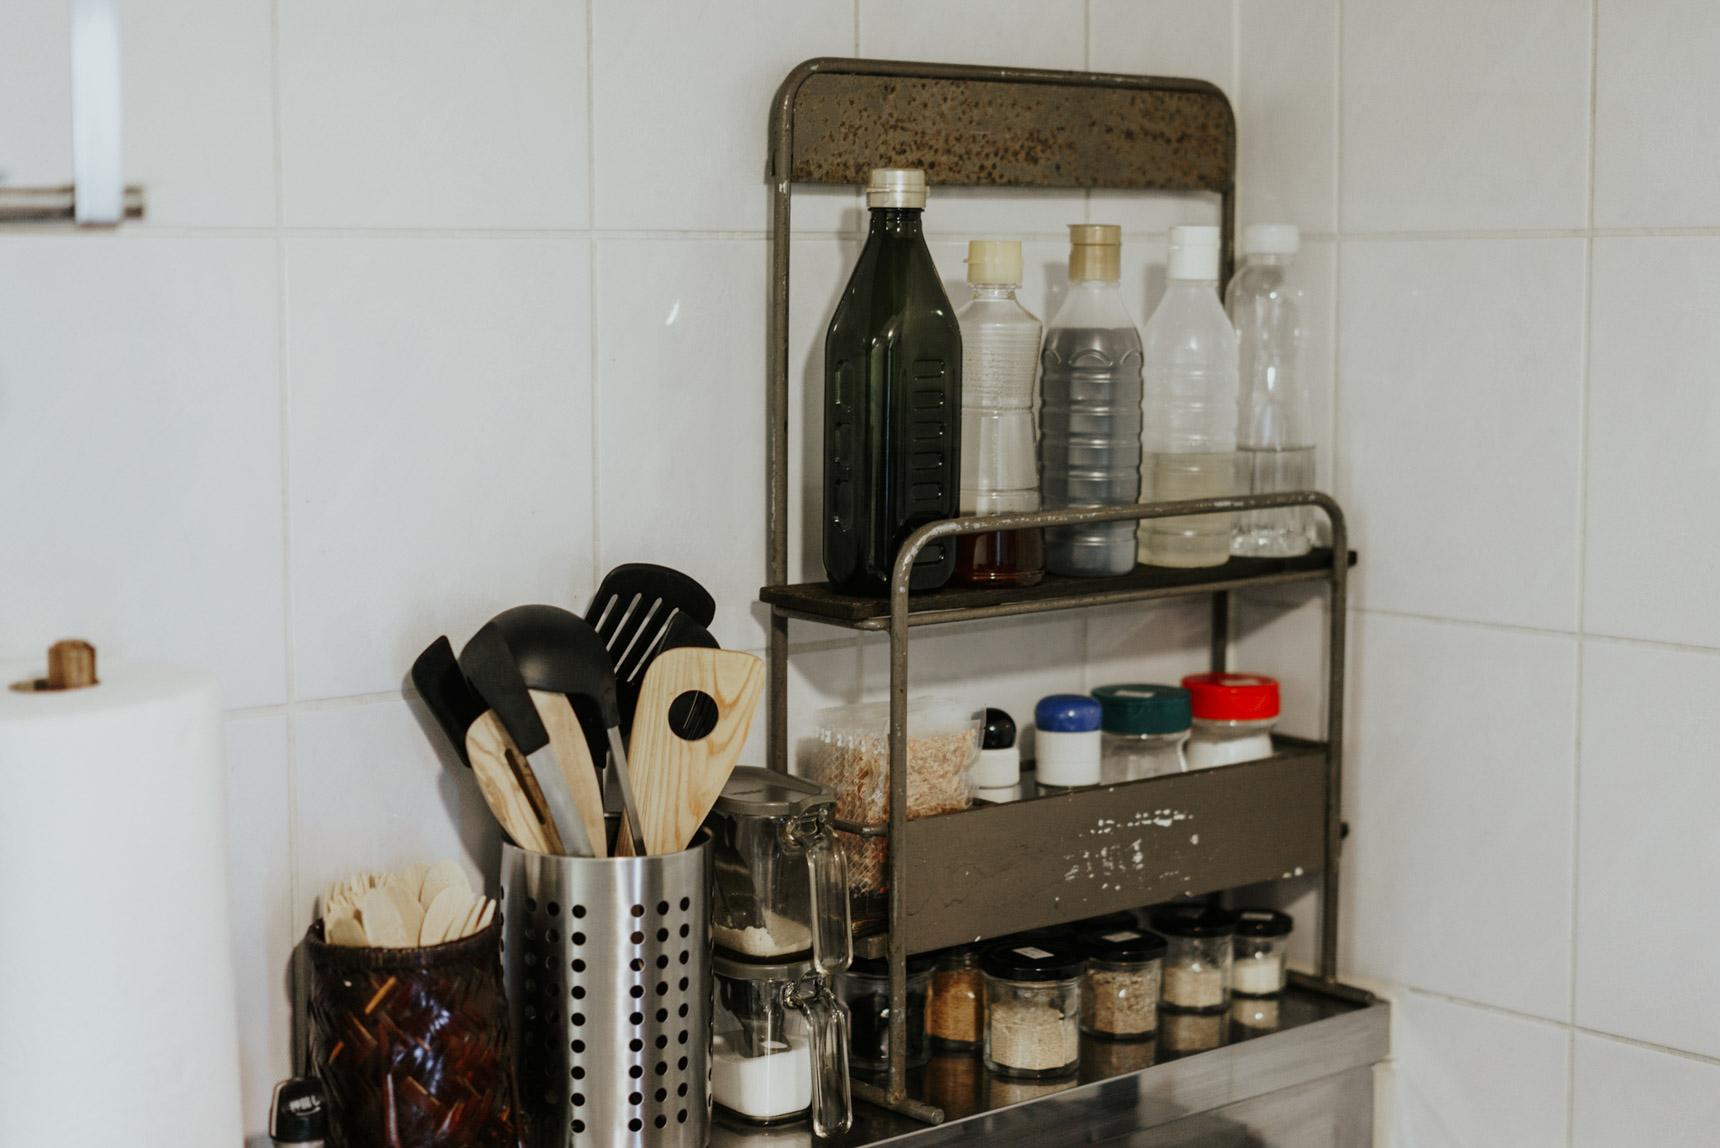 コンロ周りに段になった場所があり、調理器具やスパイスラックを置いています。アンティークショップで見つけたという棚がシンデレラフィットしていますね。お部屋のなかにも古道具が多いので、キッチンだけギャップが生まれることがありません。好きな見た目のものに収納するだけで、料理のモチベーションも上がりそうです。